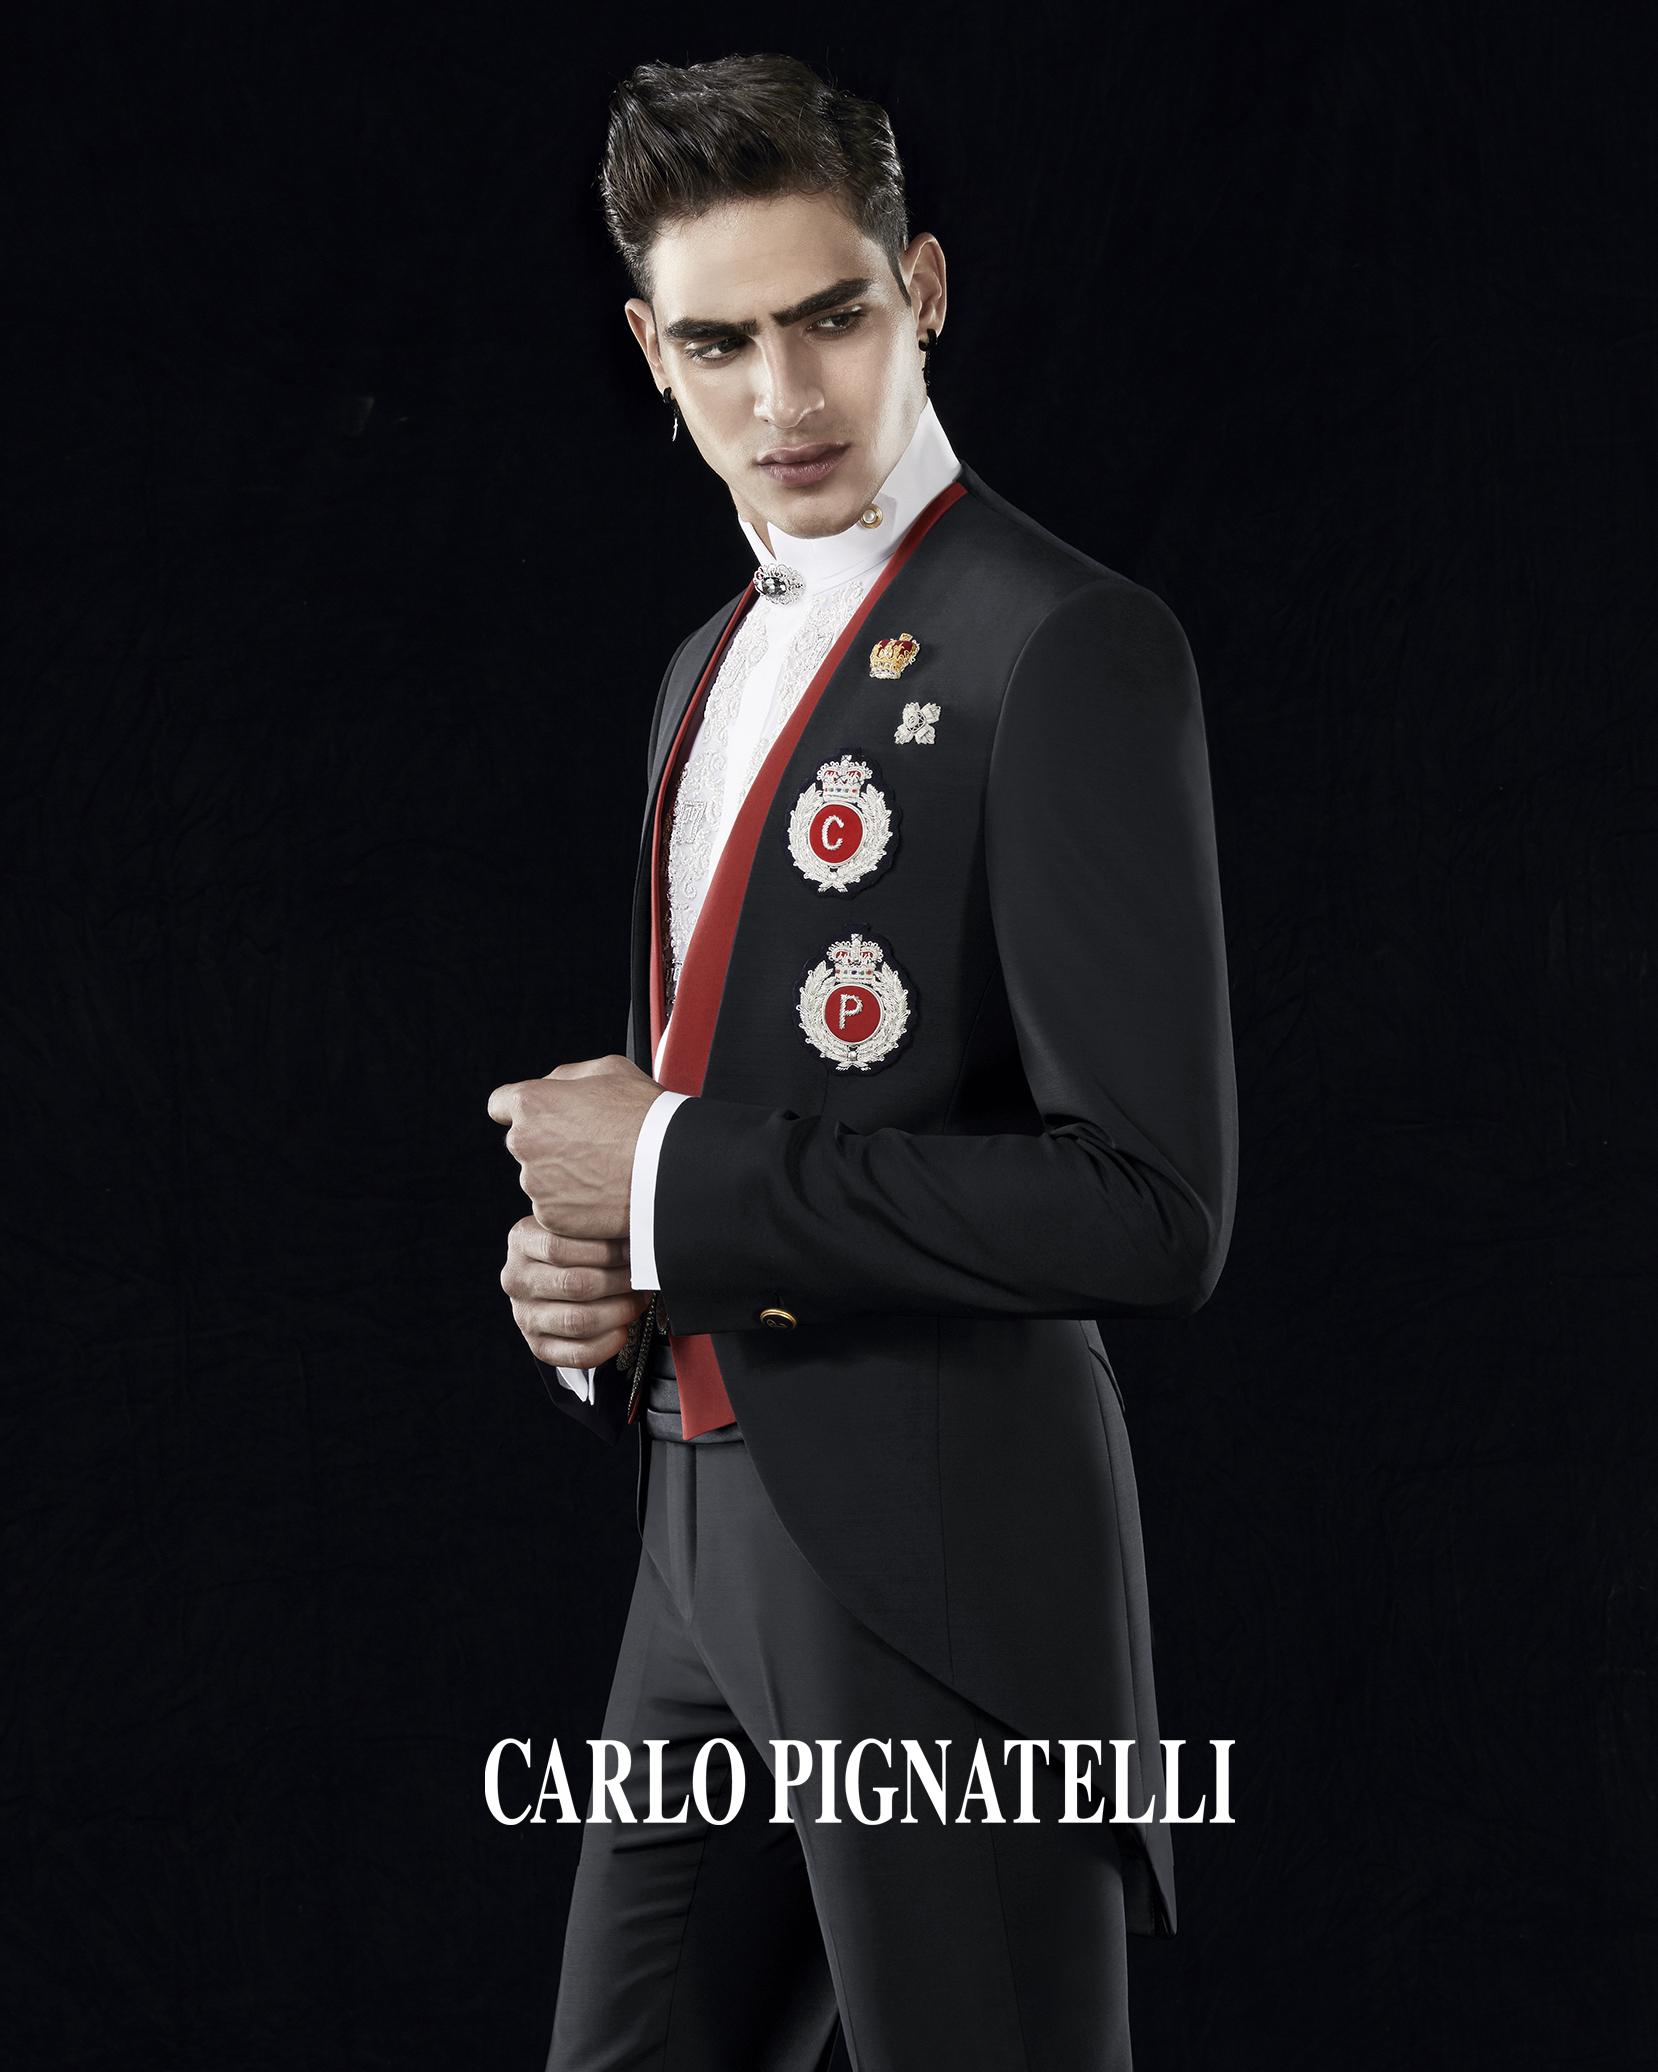 CARLO PIGNATELLI CERIMONIA 2018 ADV